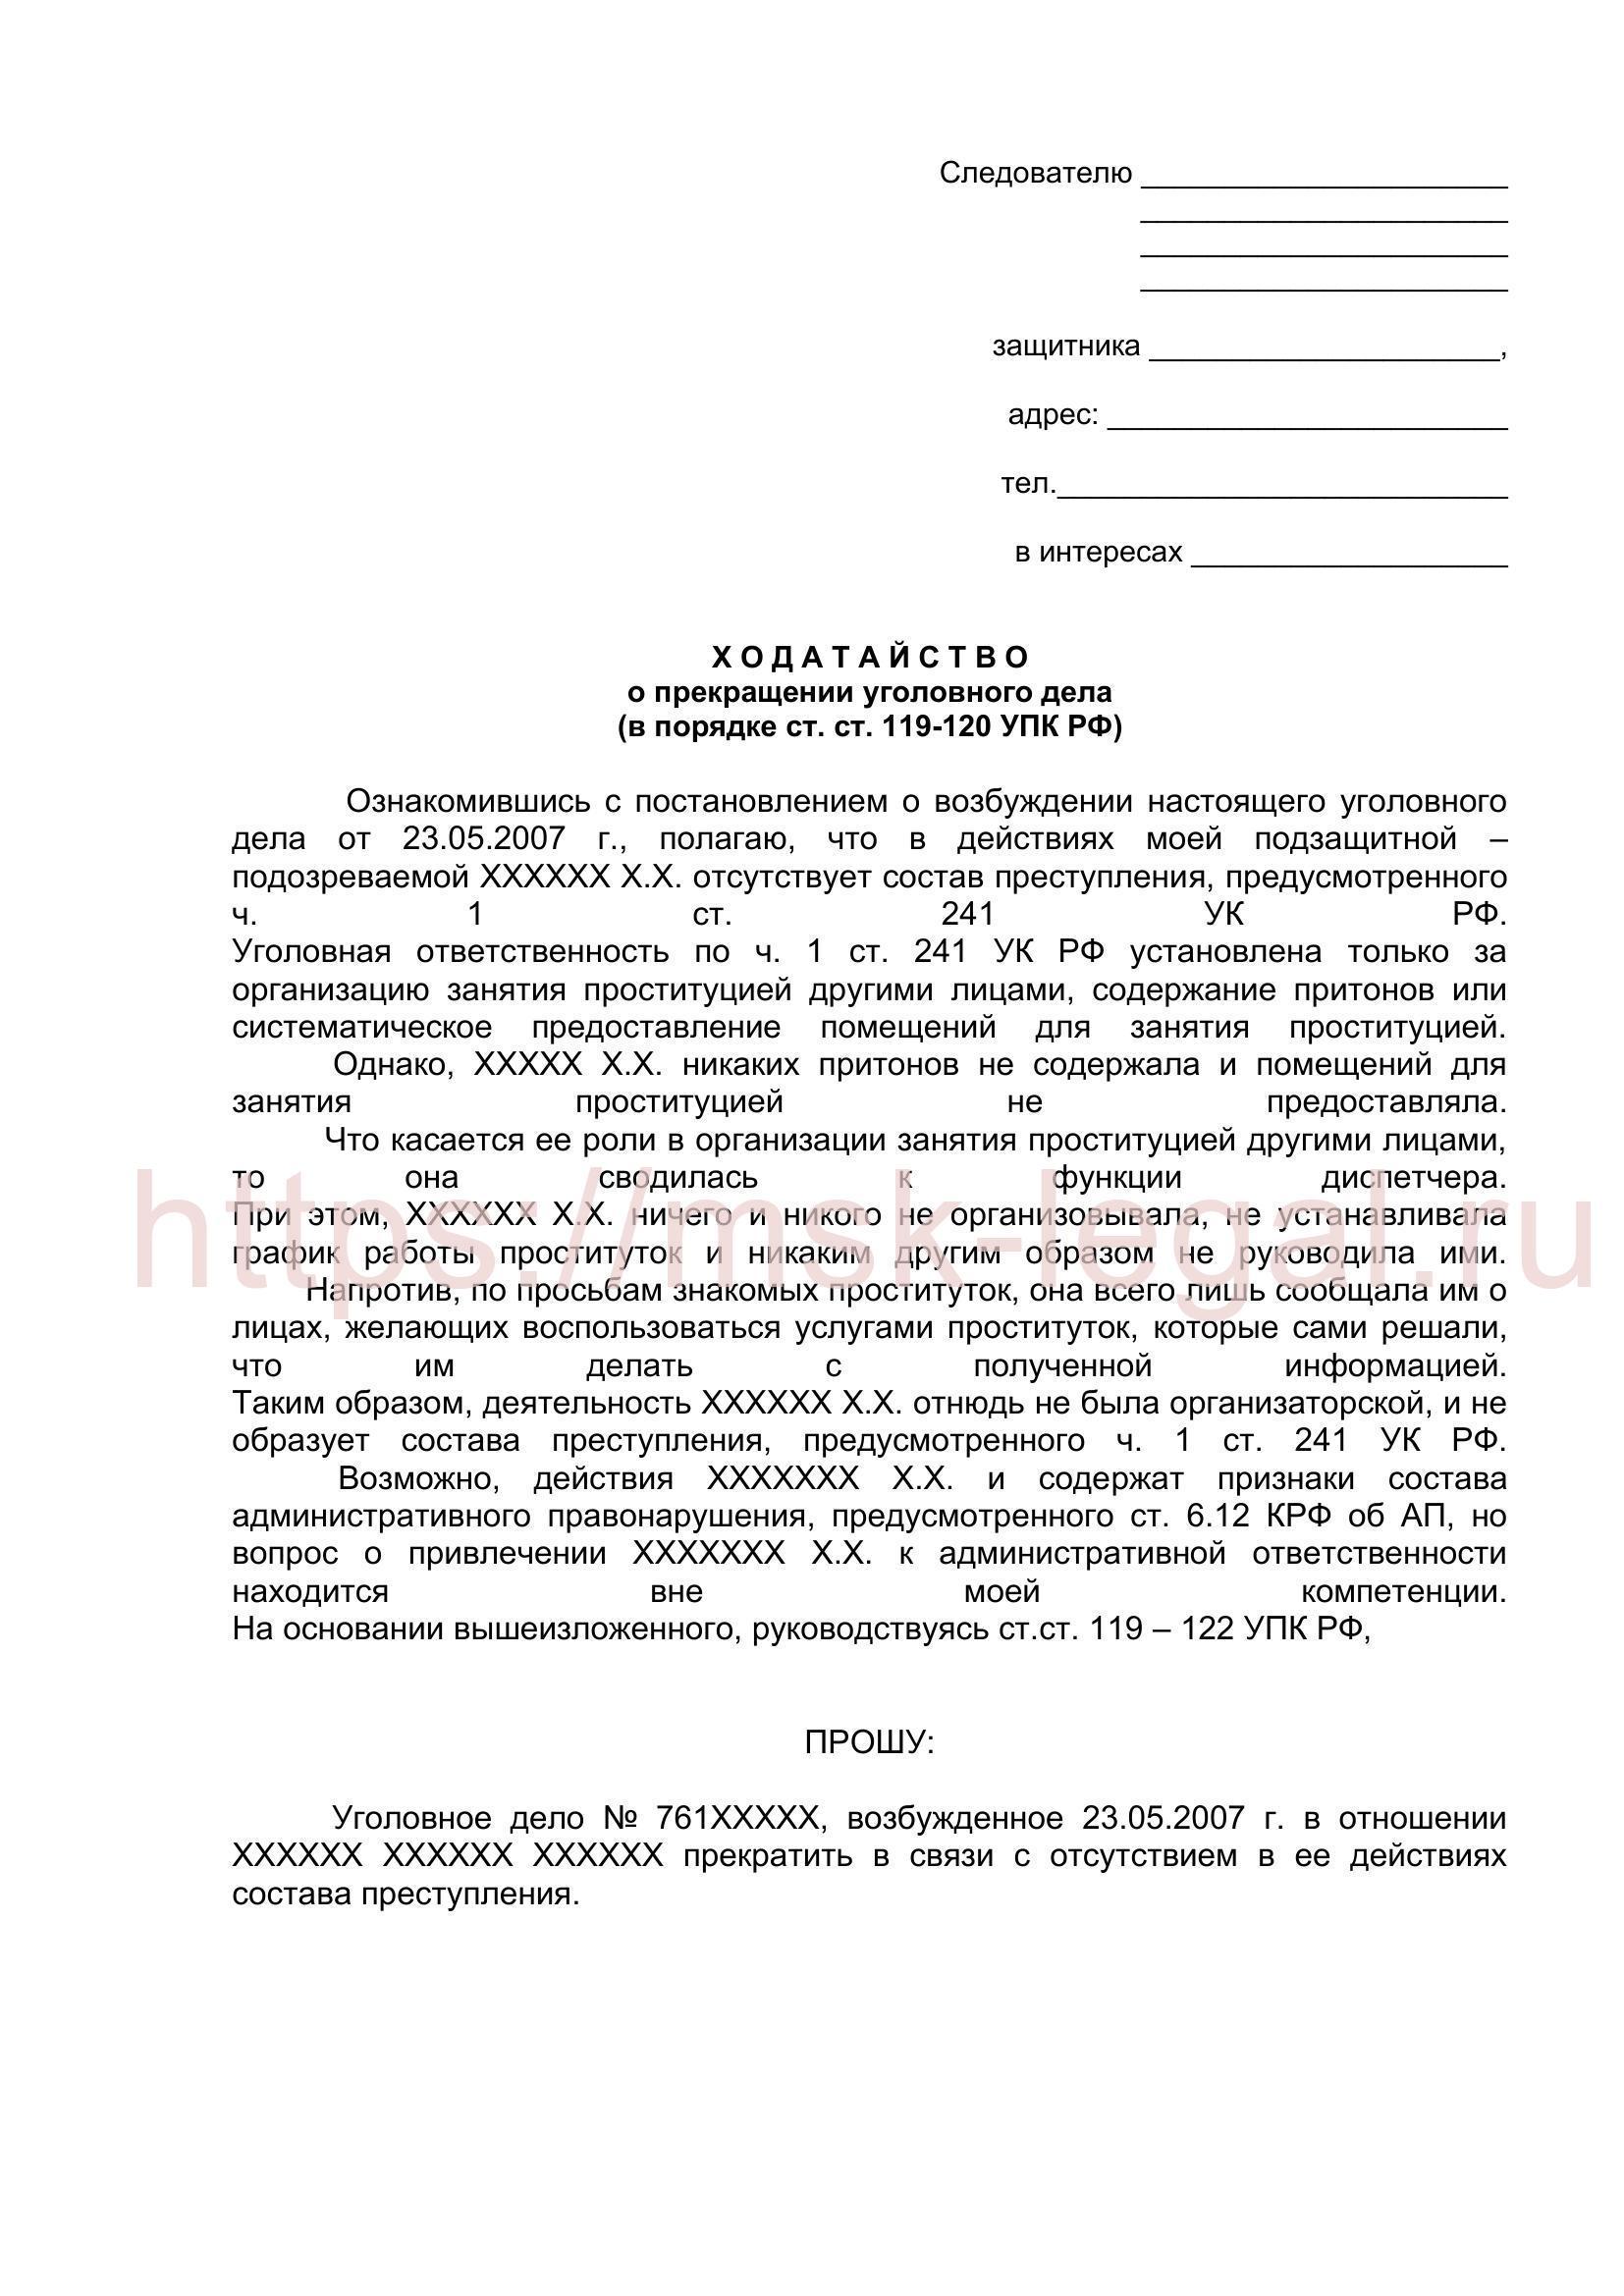 О прекращении уголовного дела по ст. 241 УК РФ в связи с отсутствием в действиях лица состава преступления